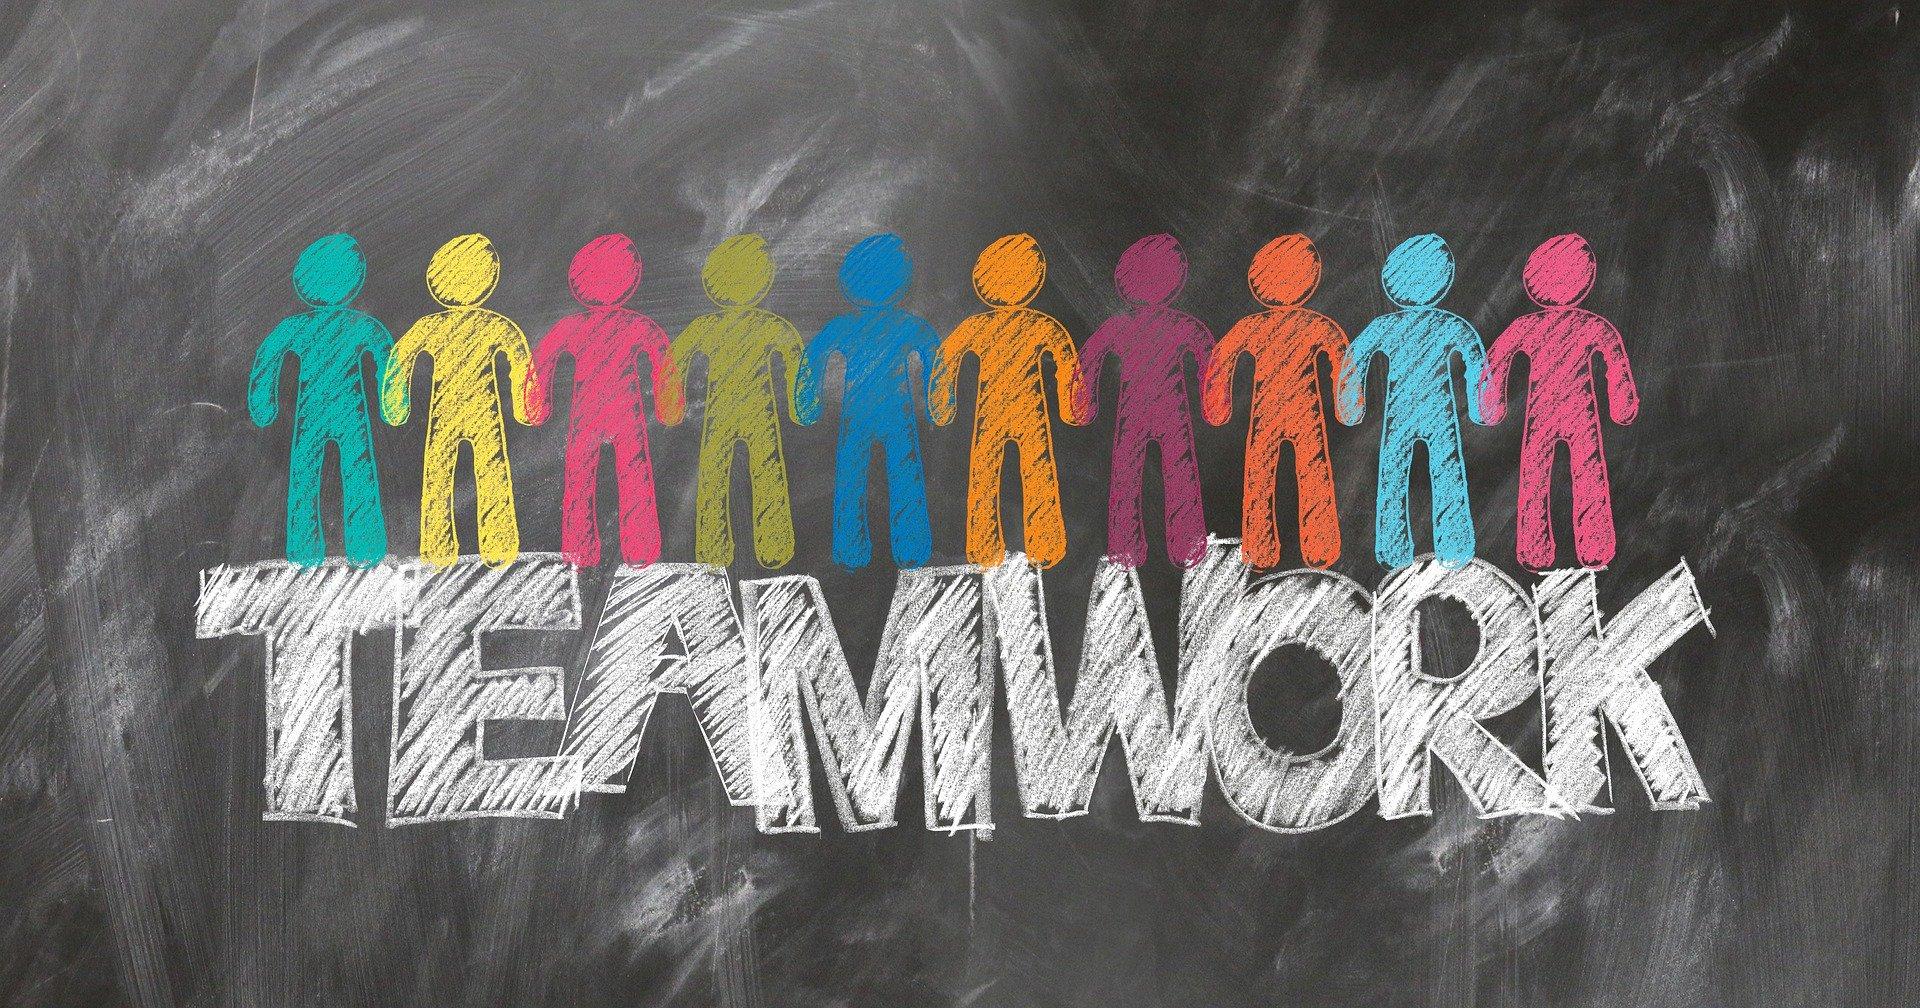 Quand les crises nous ramènent à l'essentiel: être et faire ensemble!